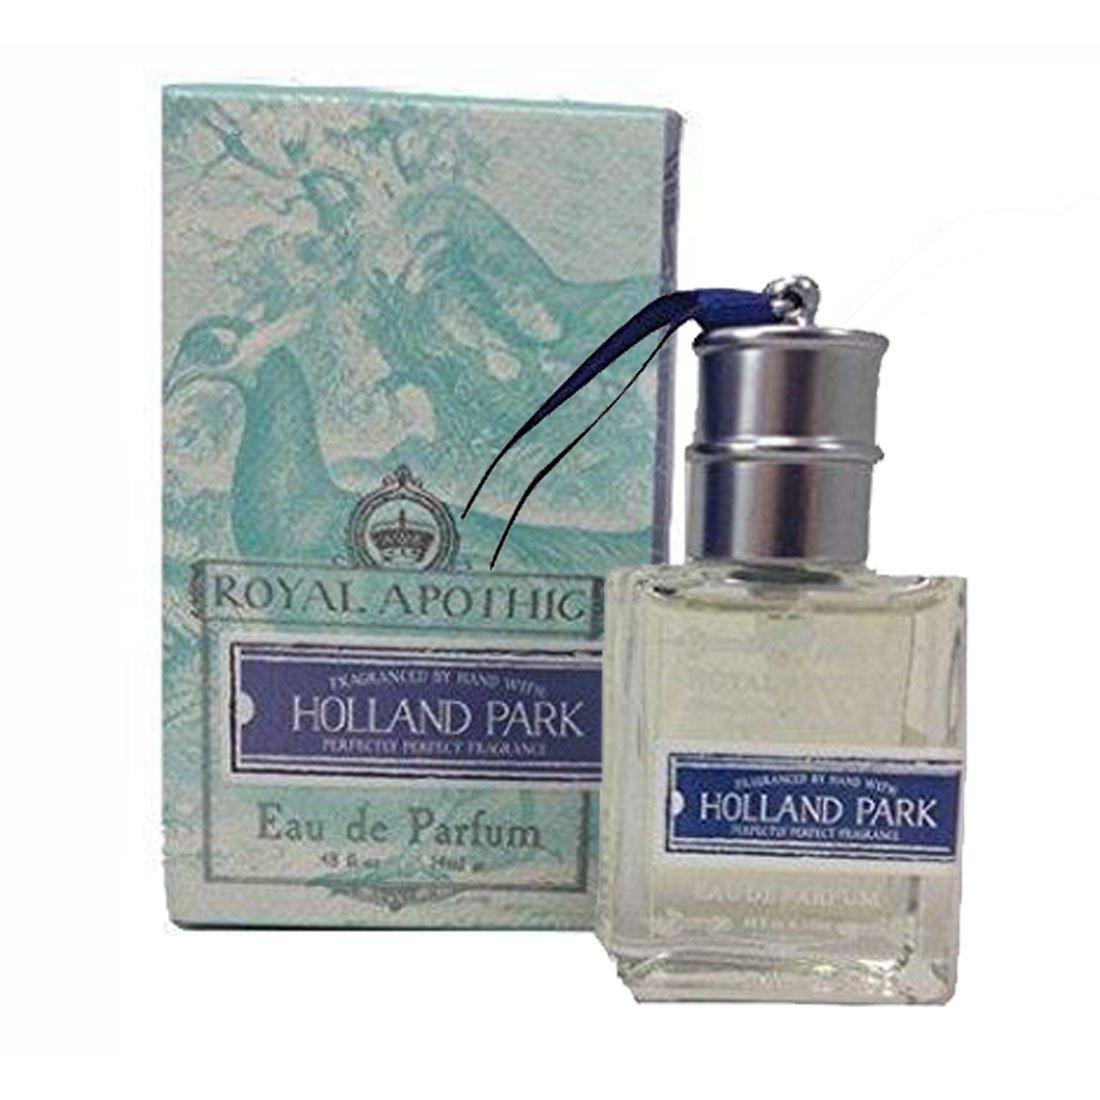 Royal Apothic Eau De Parfum Holland Park